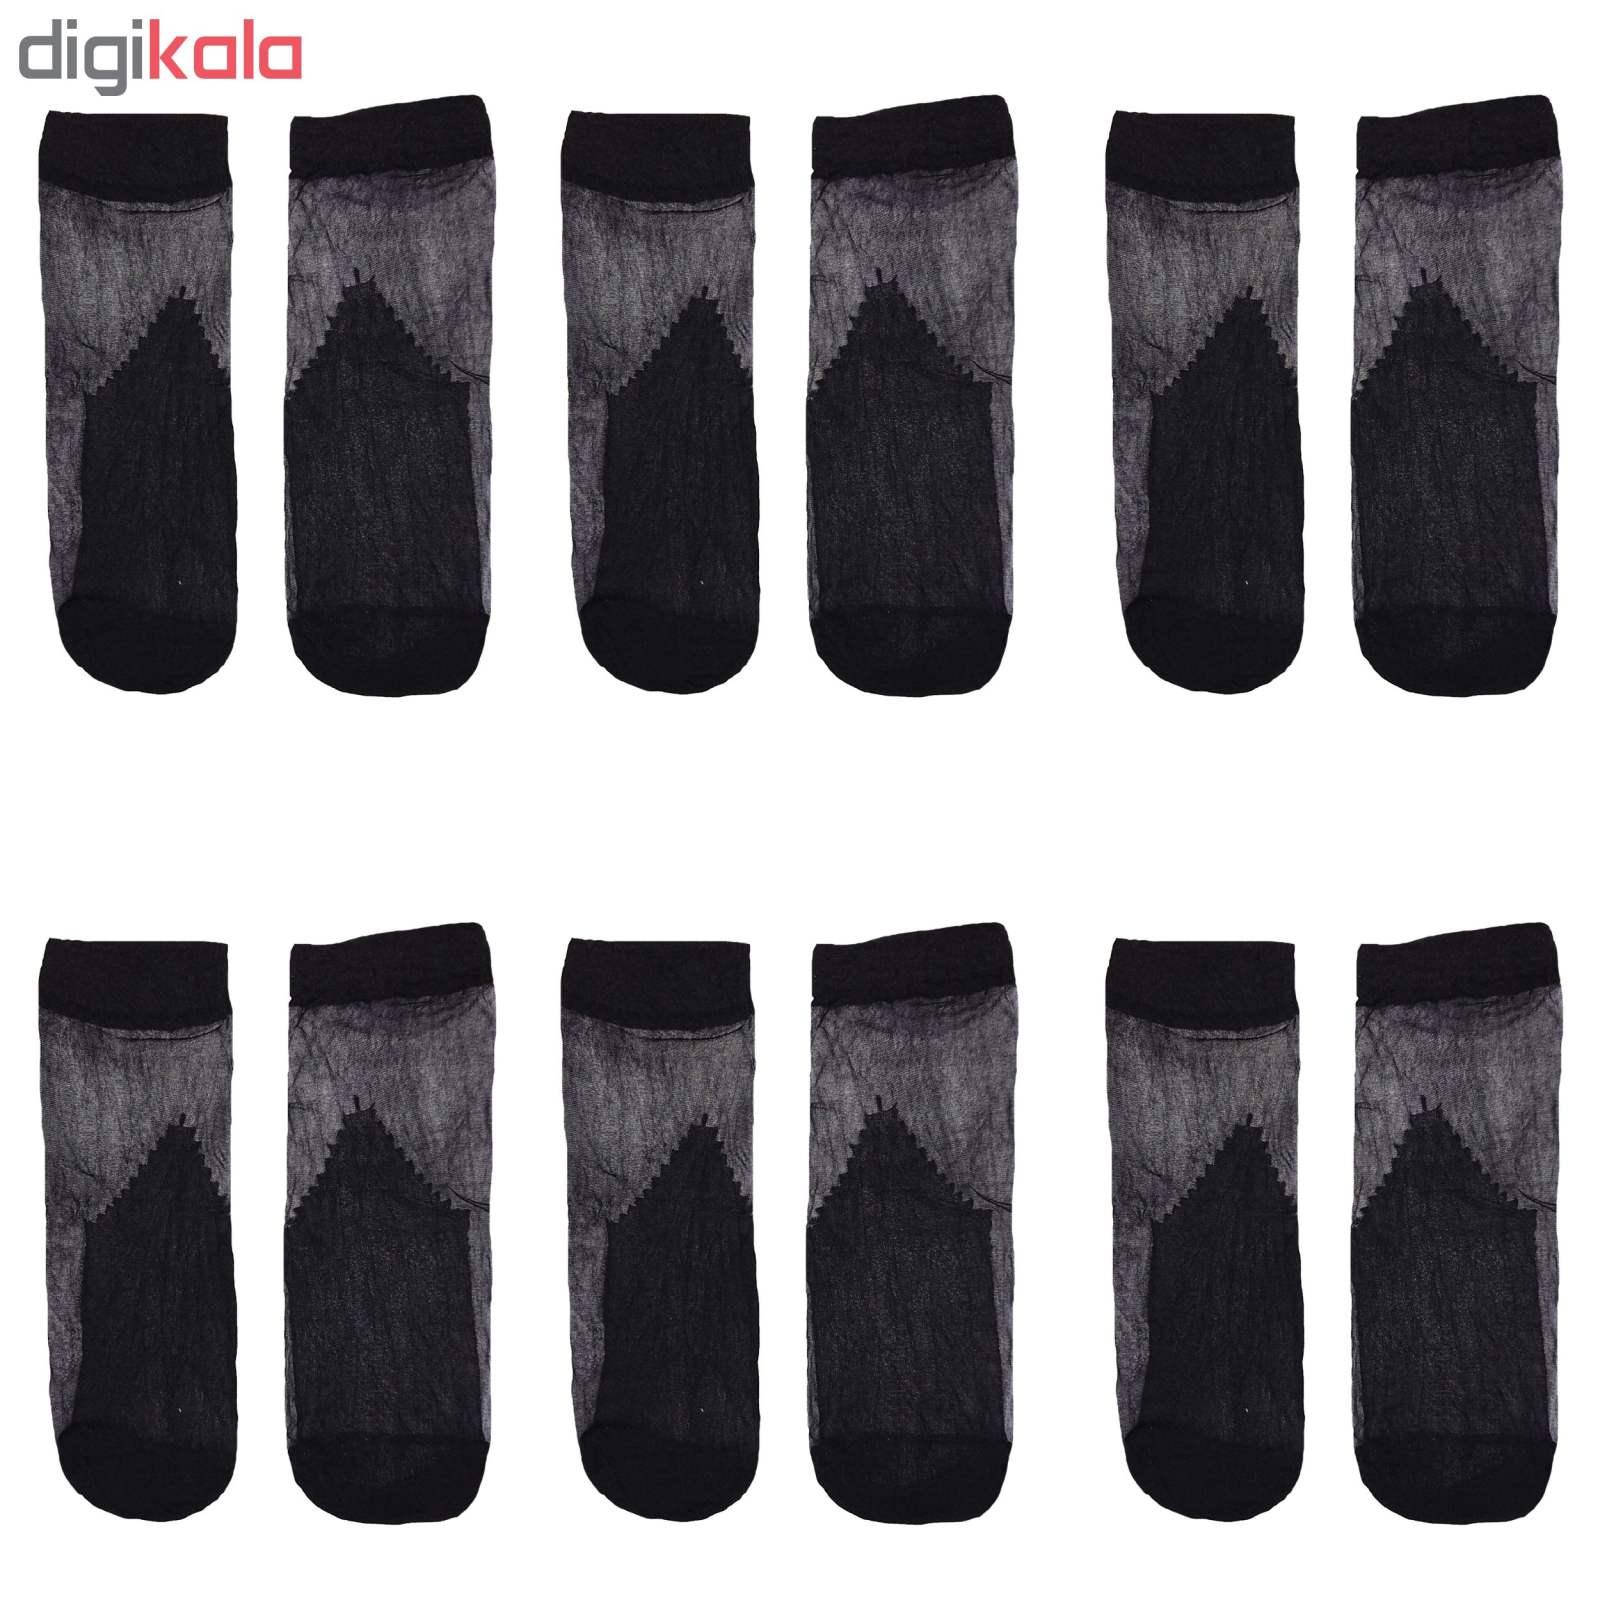 جوراب زنانه پنتی مدل X6 بسته 6 عددی main 1 1